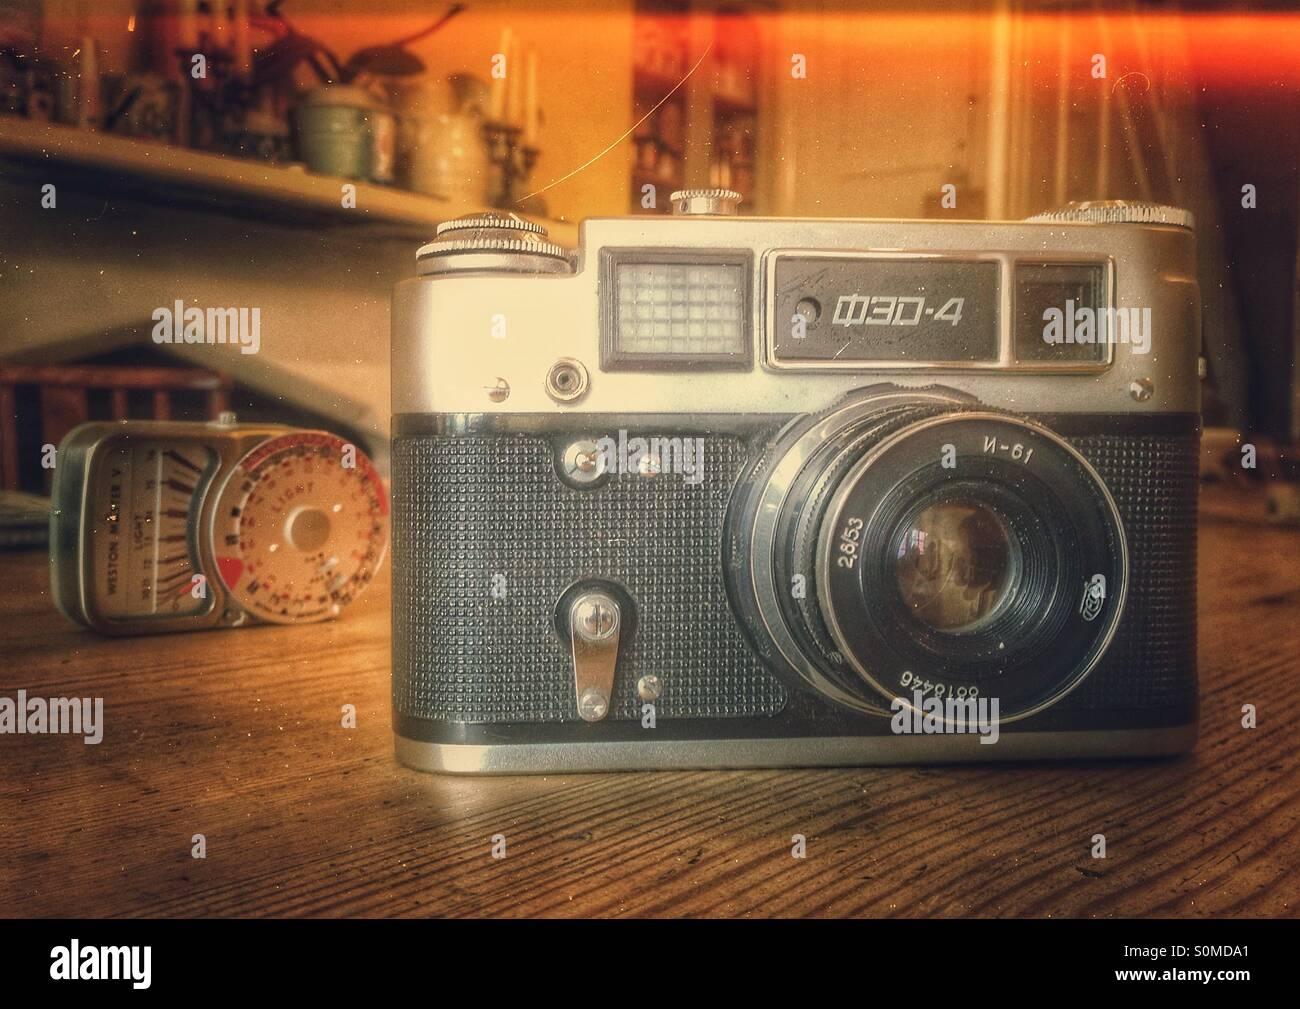 Old fed4 rangefinder camera - Stock Image